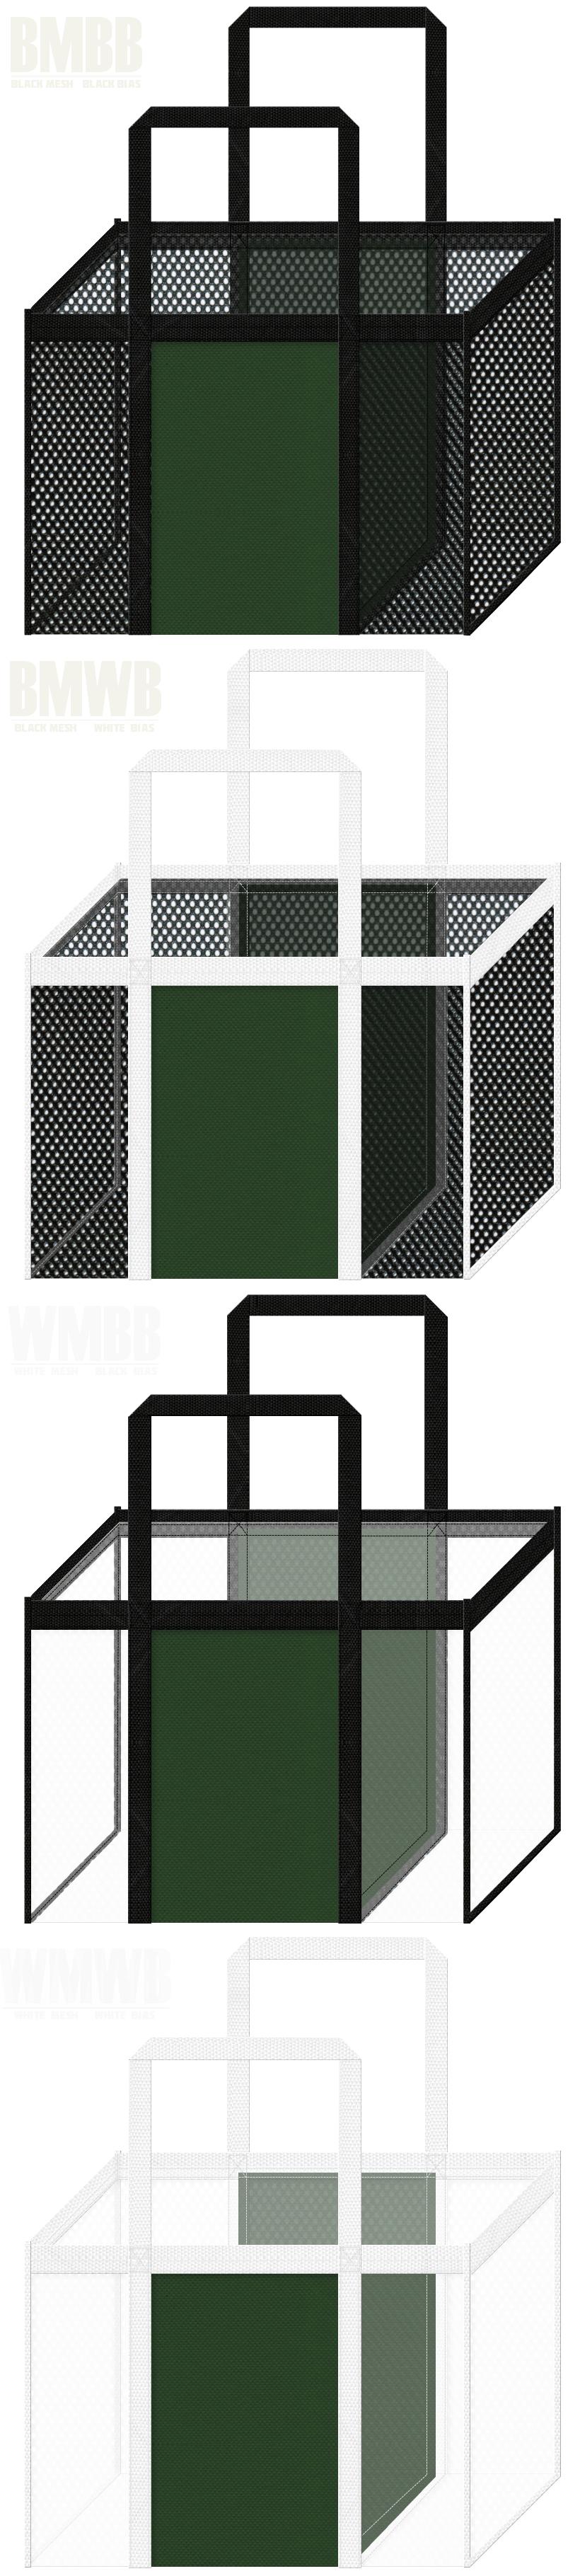 角型メッシュバッグのカラーシミュレーション:黒色・白色メッシュと濃緑色不織布の組み合わせ